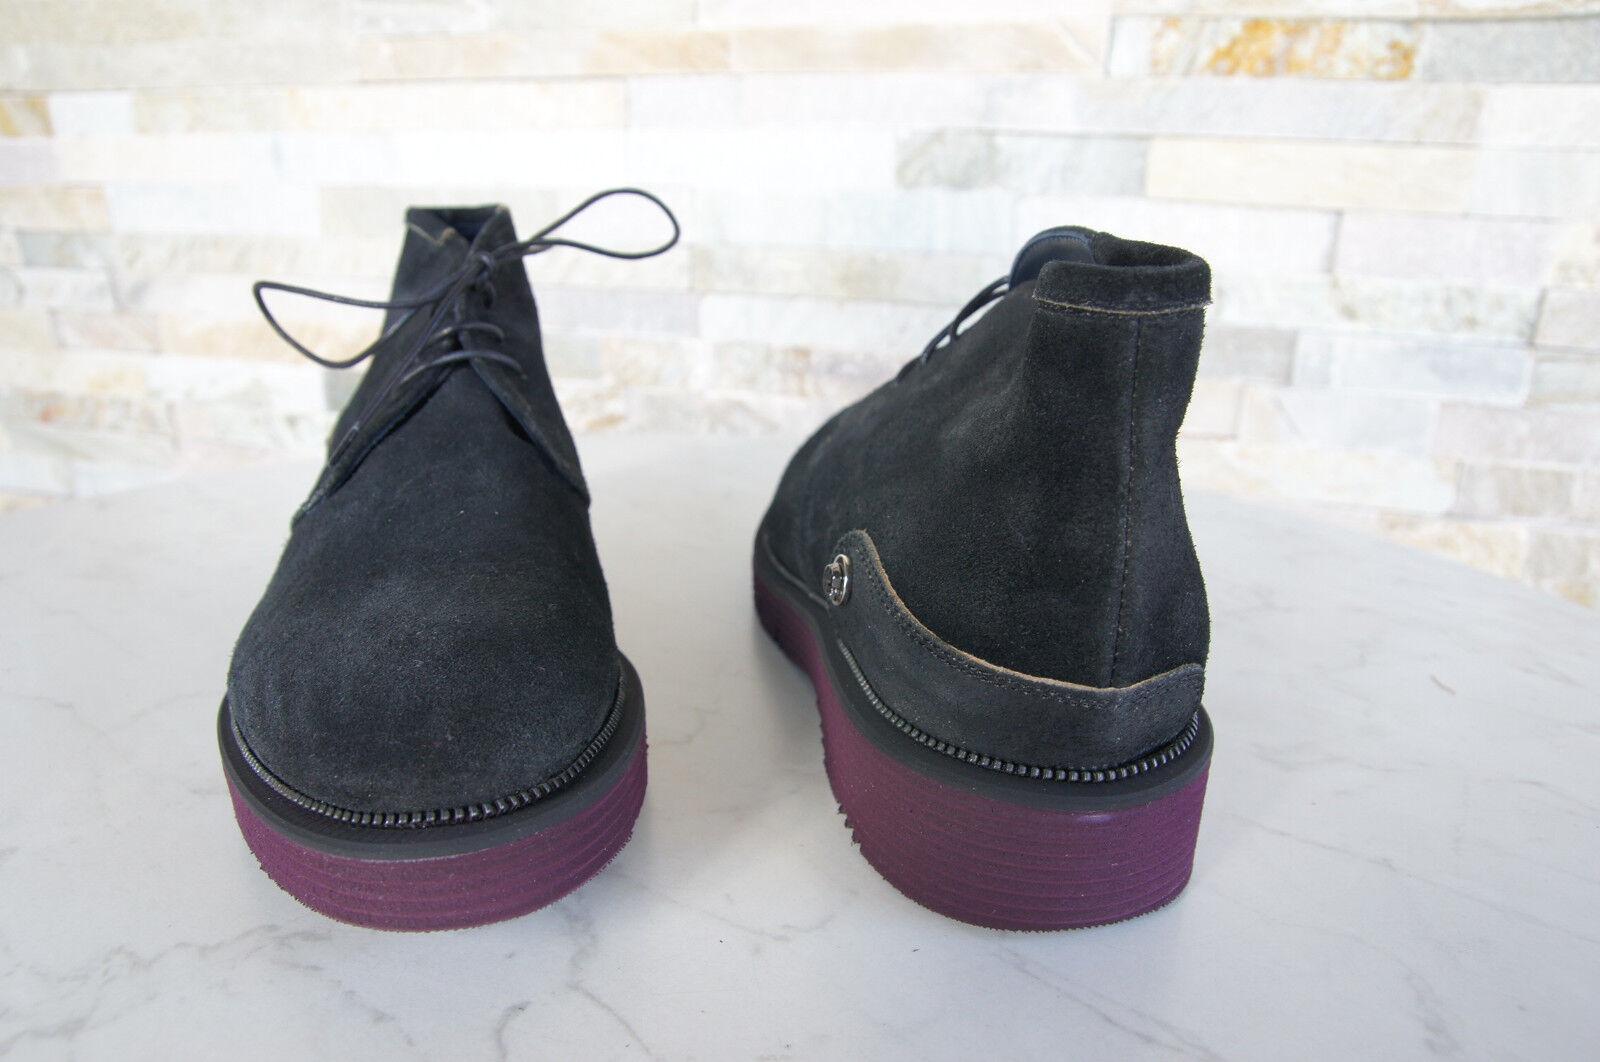 Cesare P. by 9 Paciotti Gr 43  9 by Stiefeletten Vintage Schuhe schwarz NEU 4dc713